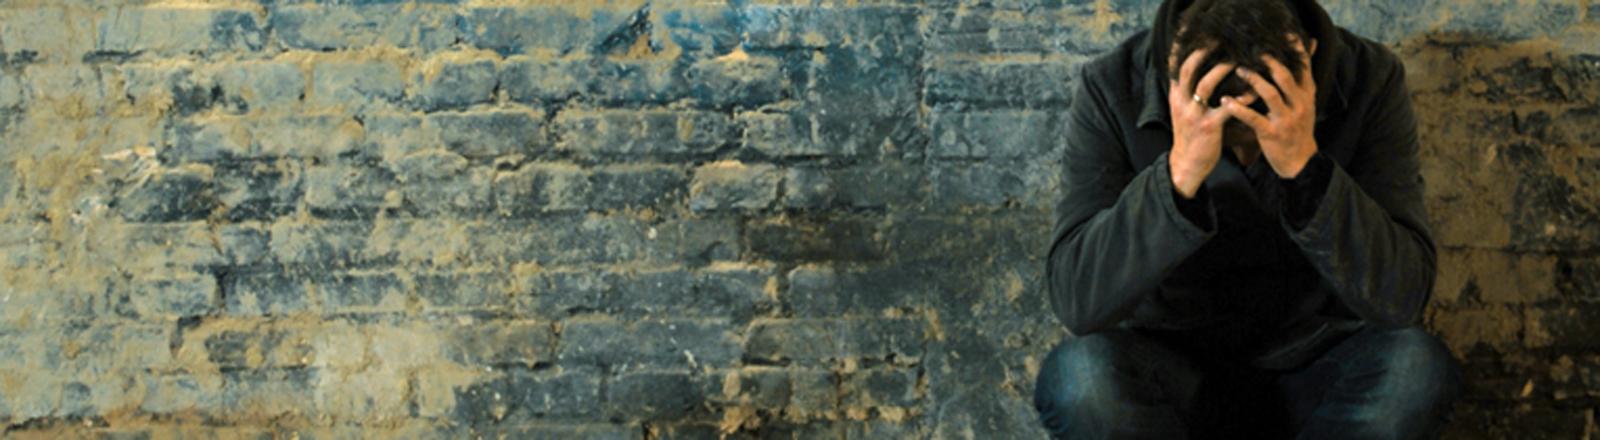 Ein Mann kniet an einer Wand und stützt den Kopf in seine Hände.